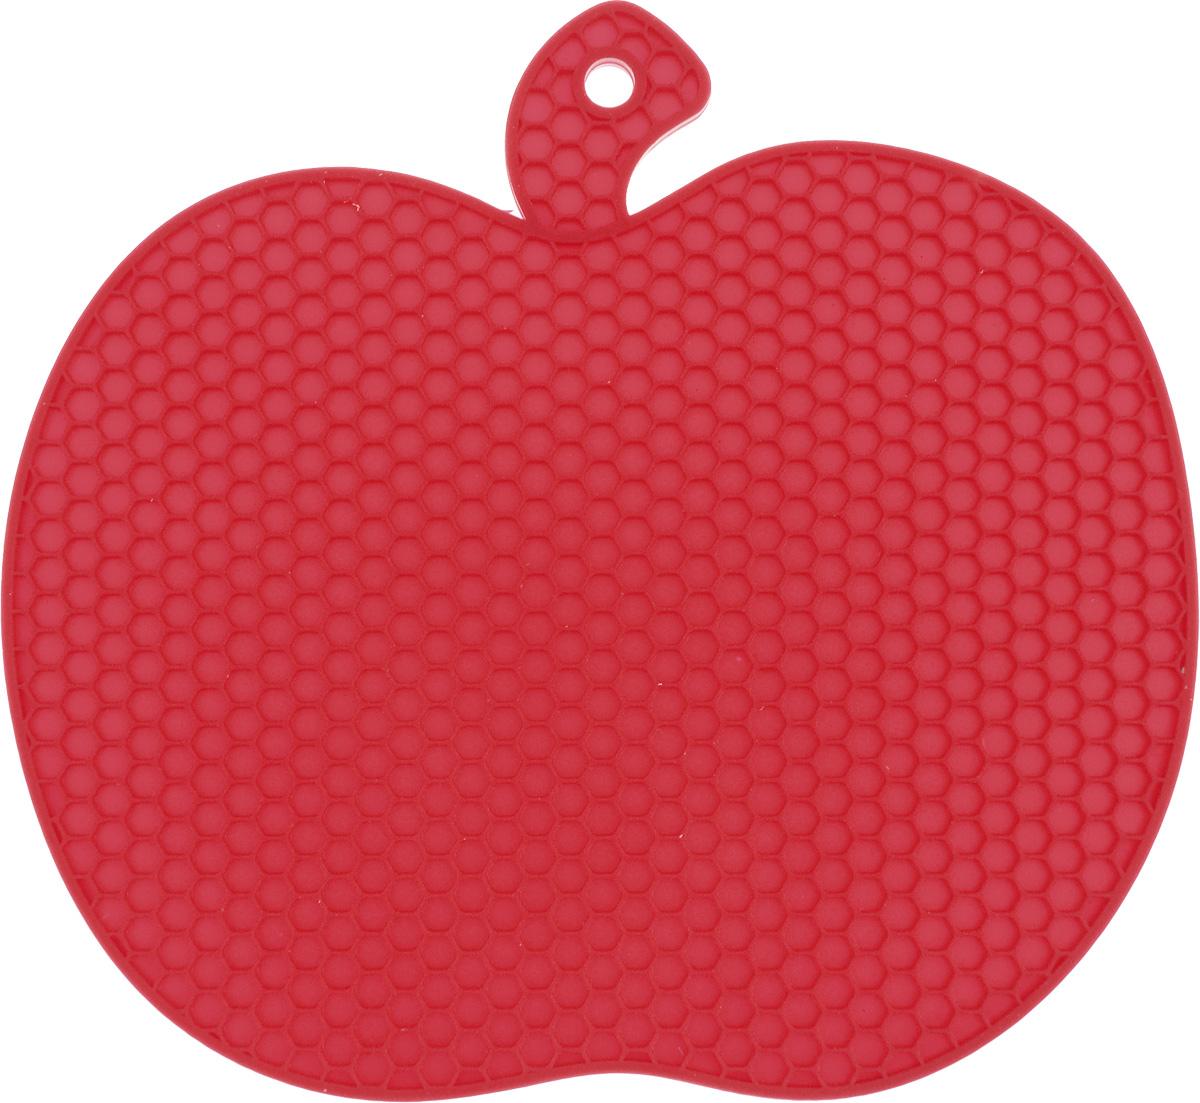 Подставка под горячее Marmiton Яблоко, силиконовая, цвет: красный, 19 х 18 см12134Подставка под горячее Marmiton Яблоко изготовлена из силикона, что позволяет ей выдерживать высокие температуры и не царапать поверхность стола. Силикон устойчив к фруктовым кислотам, обладает естественным антипригарным свойством. Такая подставка придется по вкусу человеку, ценящему практичные и оригинальные вещи. Можно мыть в посудомоечной машине.